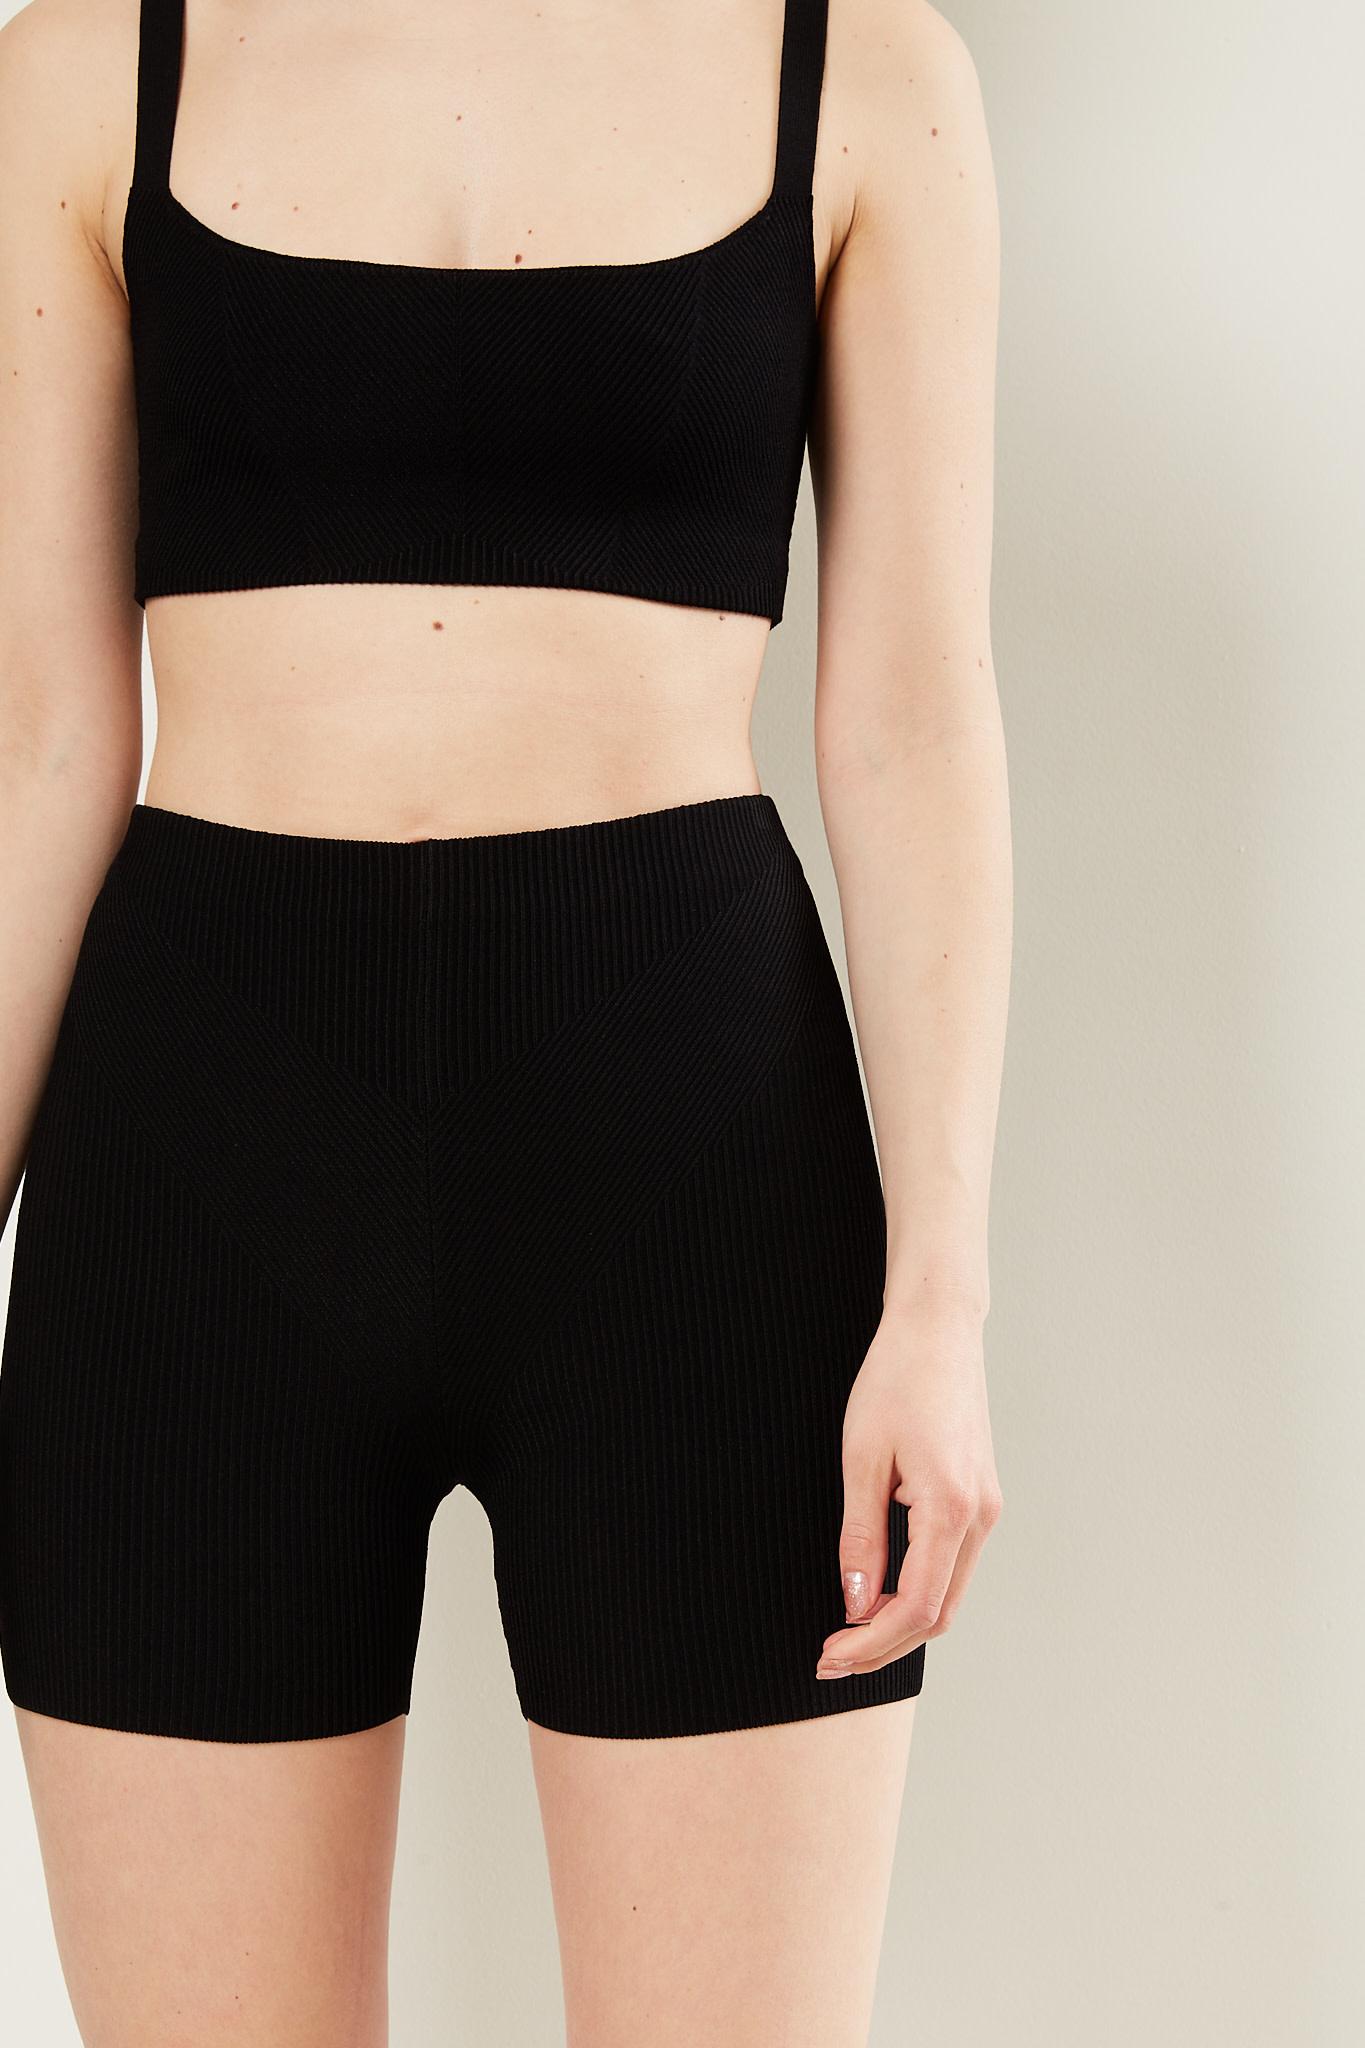 Gauge81 - Tejeda legging shorts